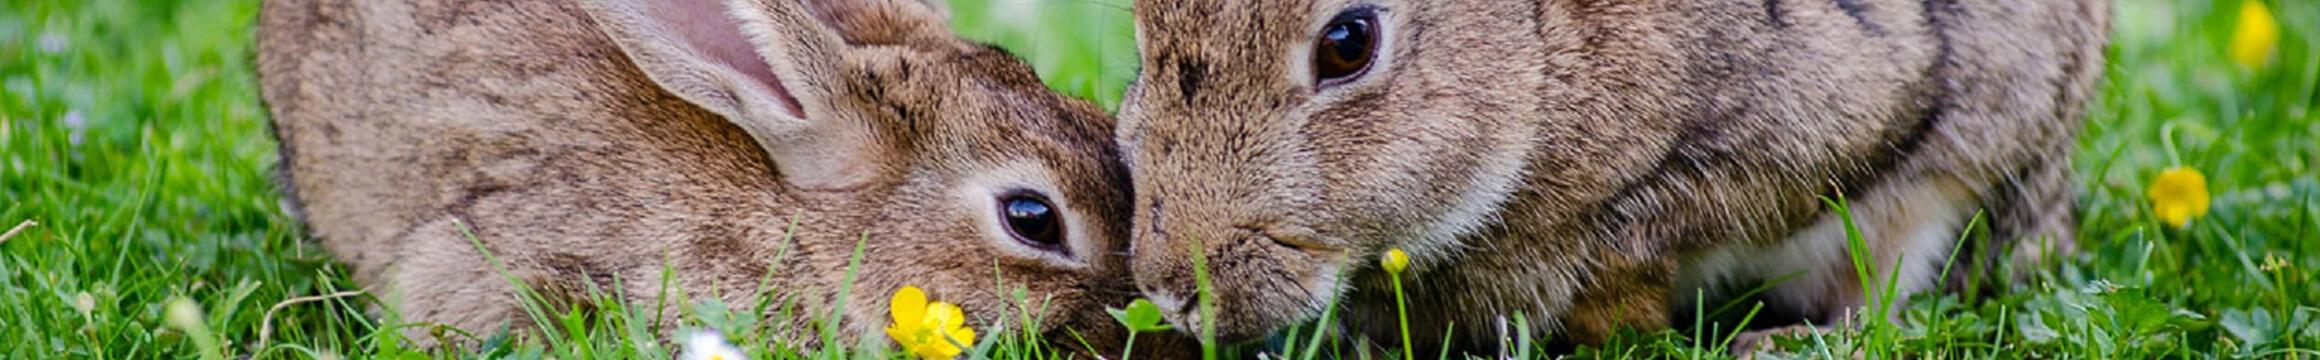 Bunny Rabbit 03